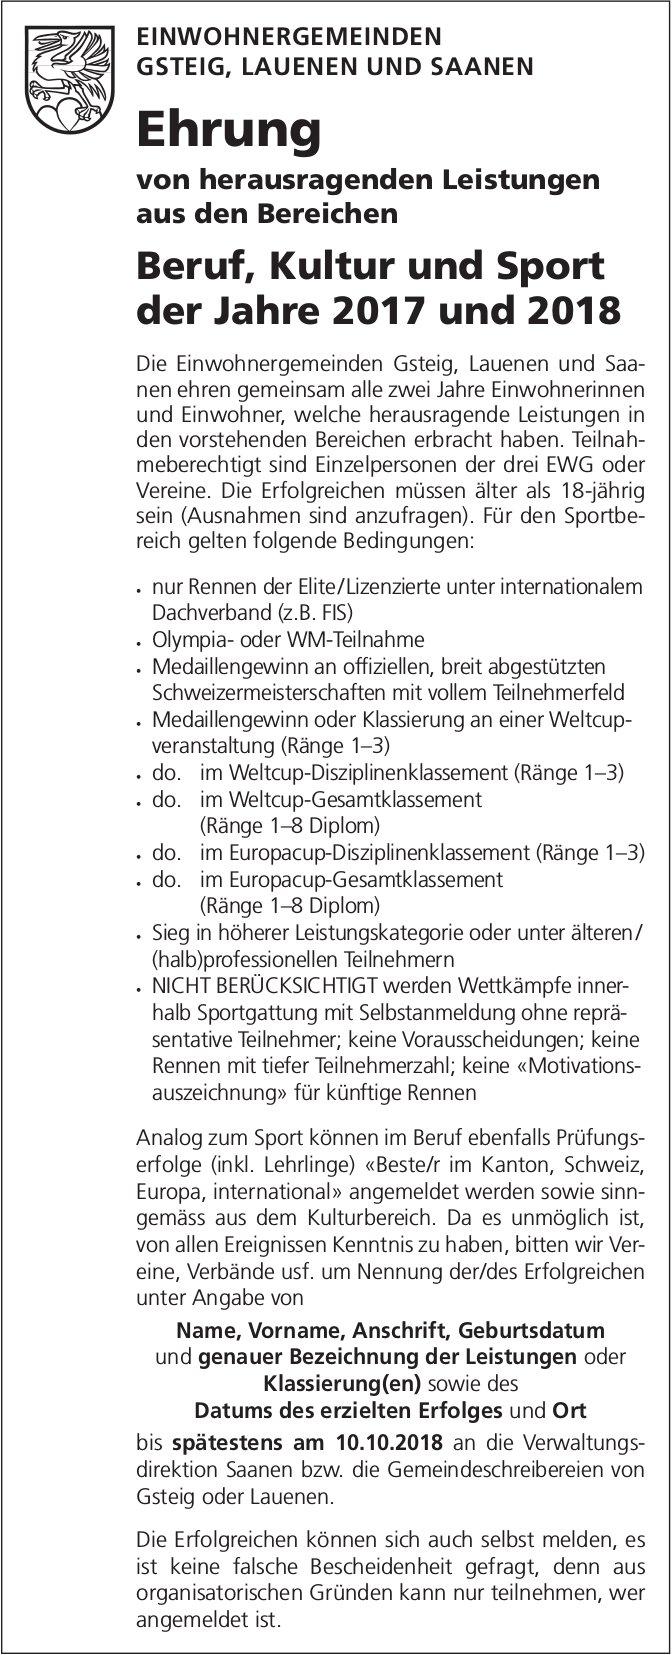 """Ehrung """"Beruf, Kultur und Sport"""", Gsteig / Lauenen und Saanen"""